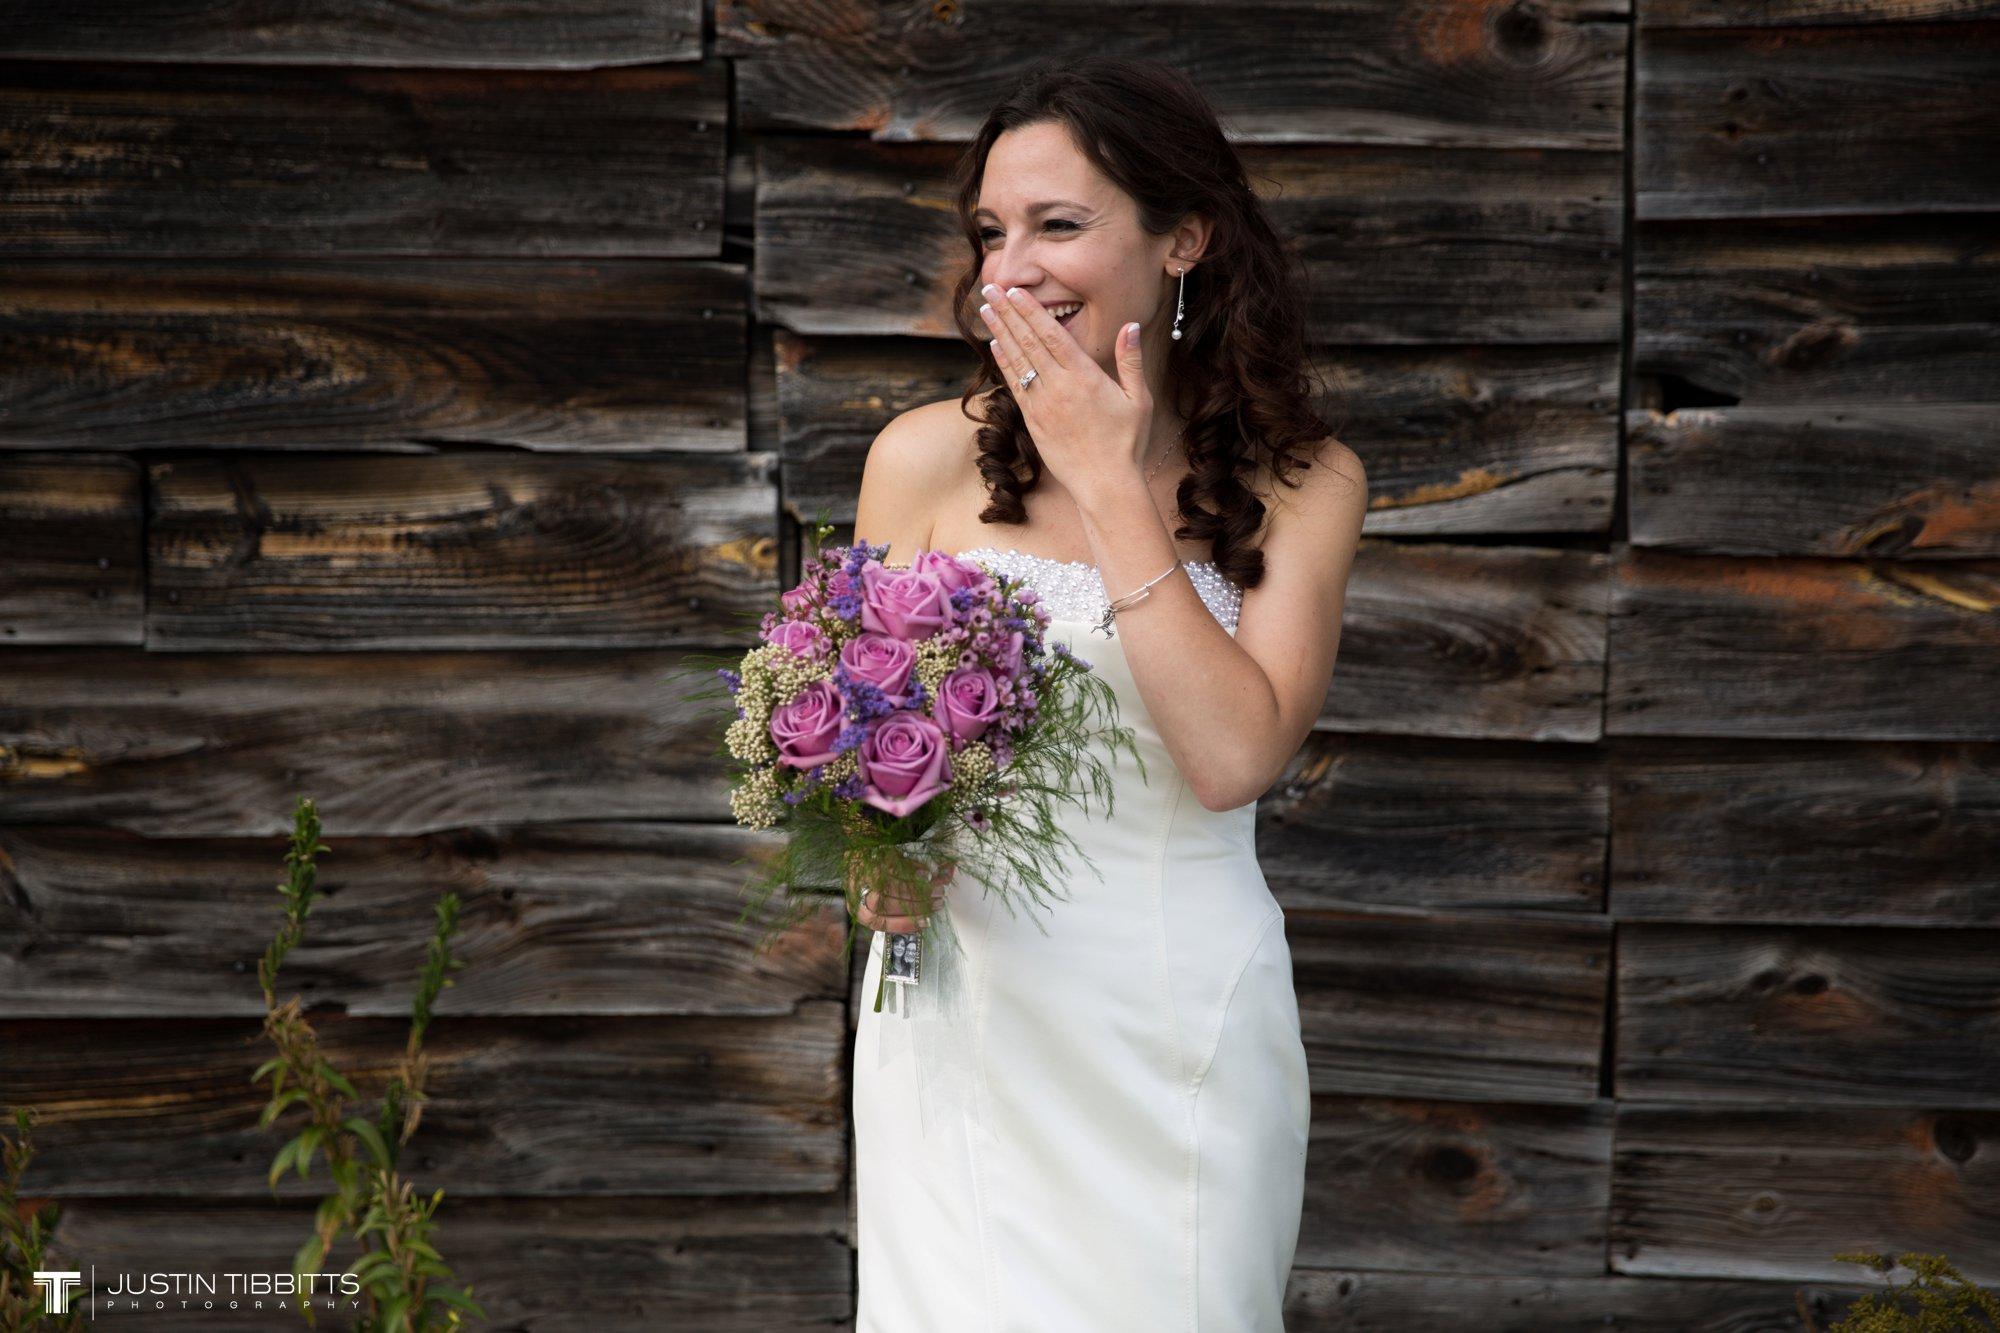 Justin Tibbitts Photography Rob and Brittany's Averill Park, NY Wedding_0399